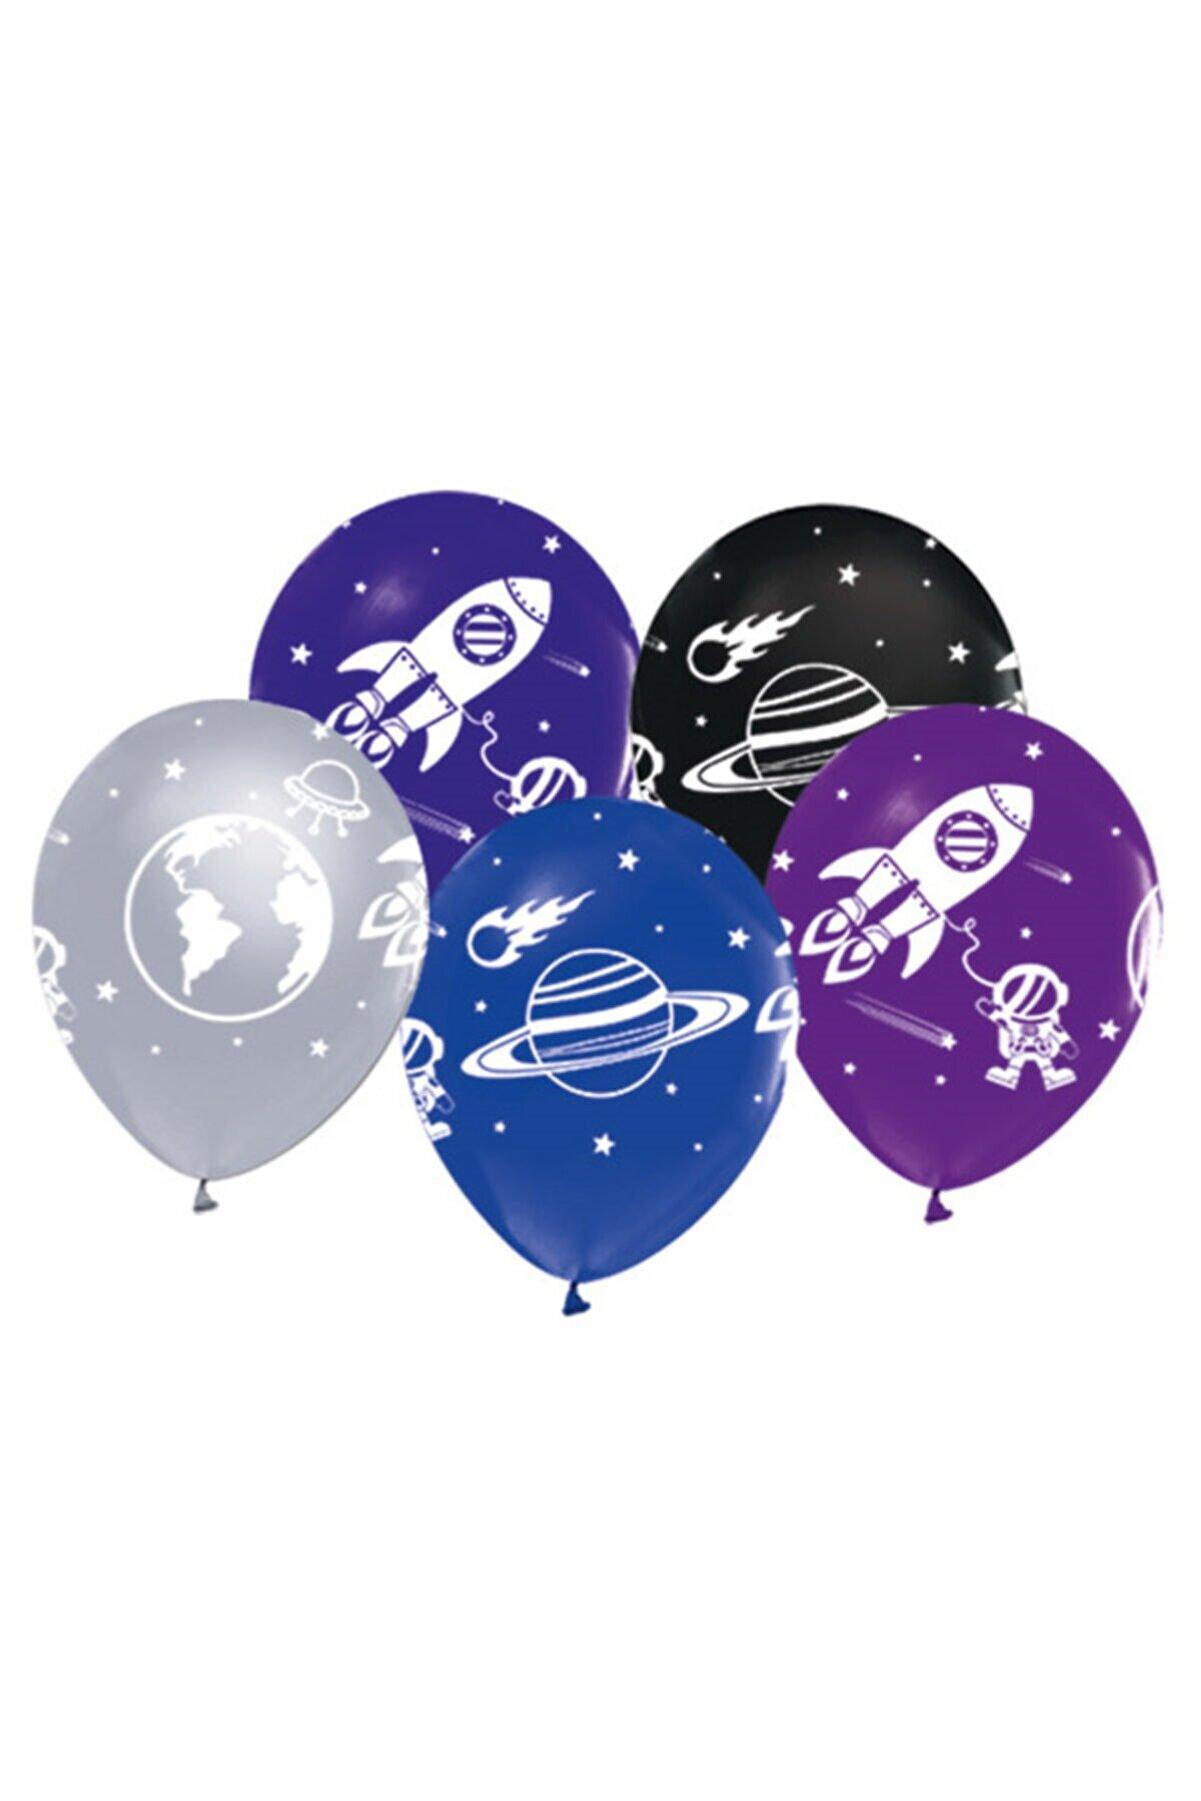 BalonEvi Kozmik Galaksi Uzay Temalı Baskılı Balon 10 Adet